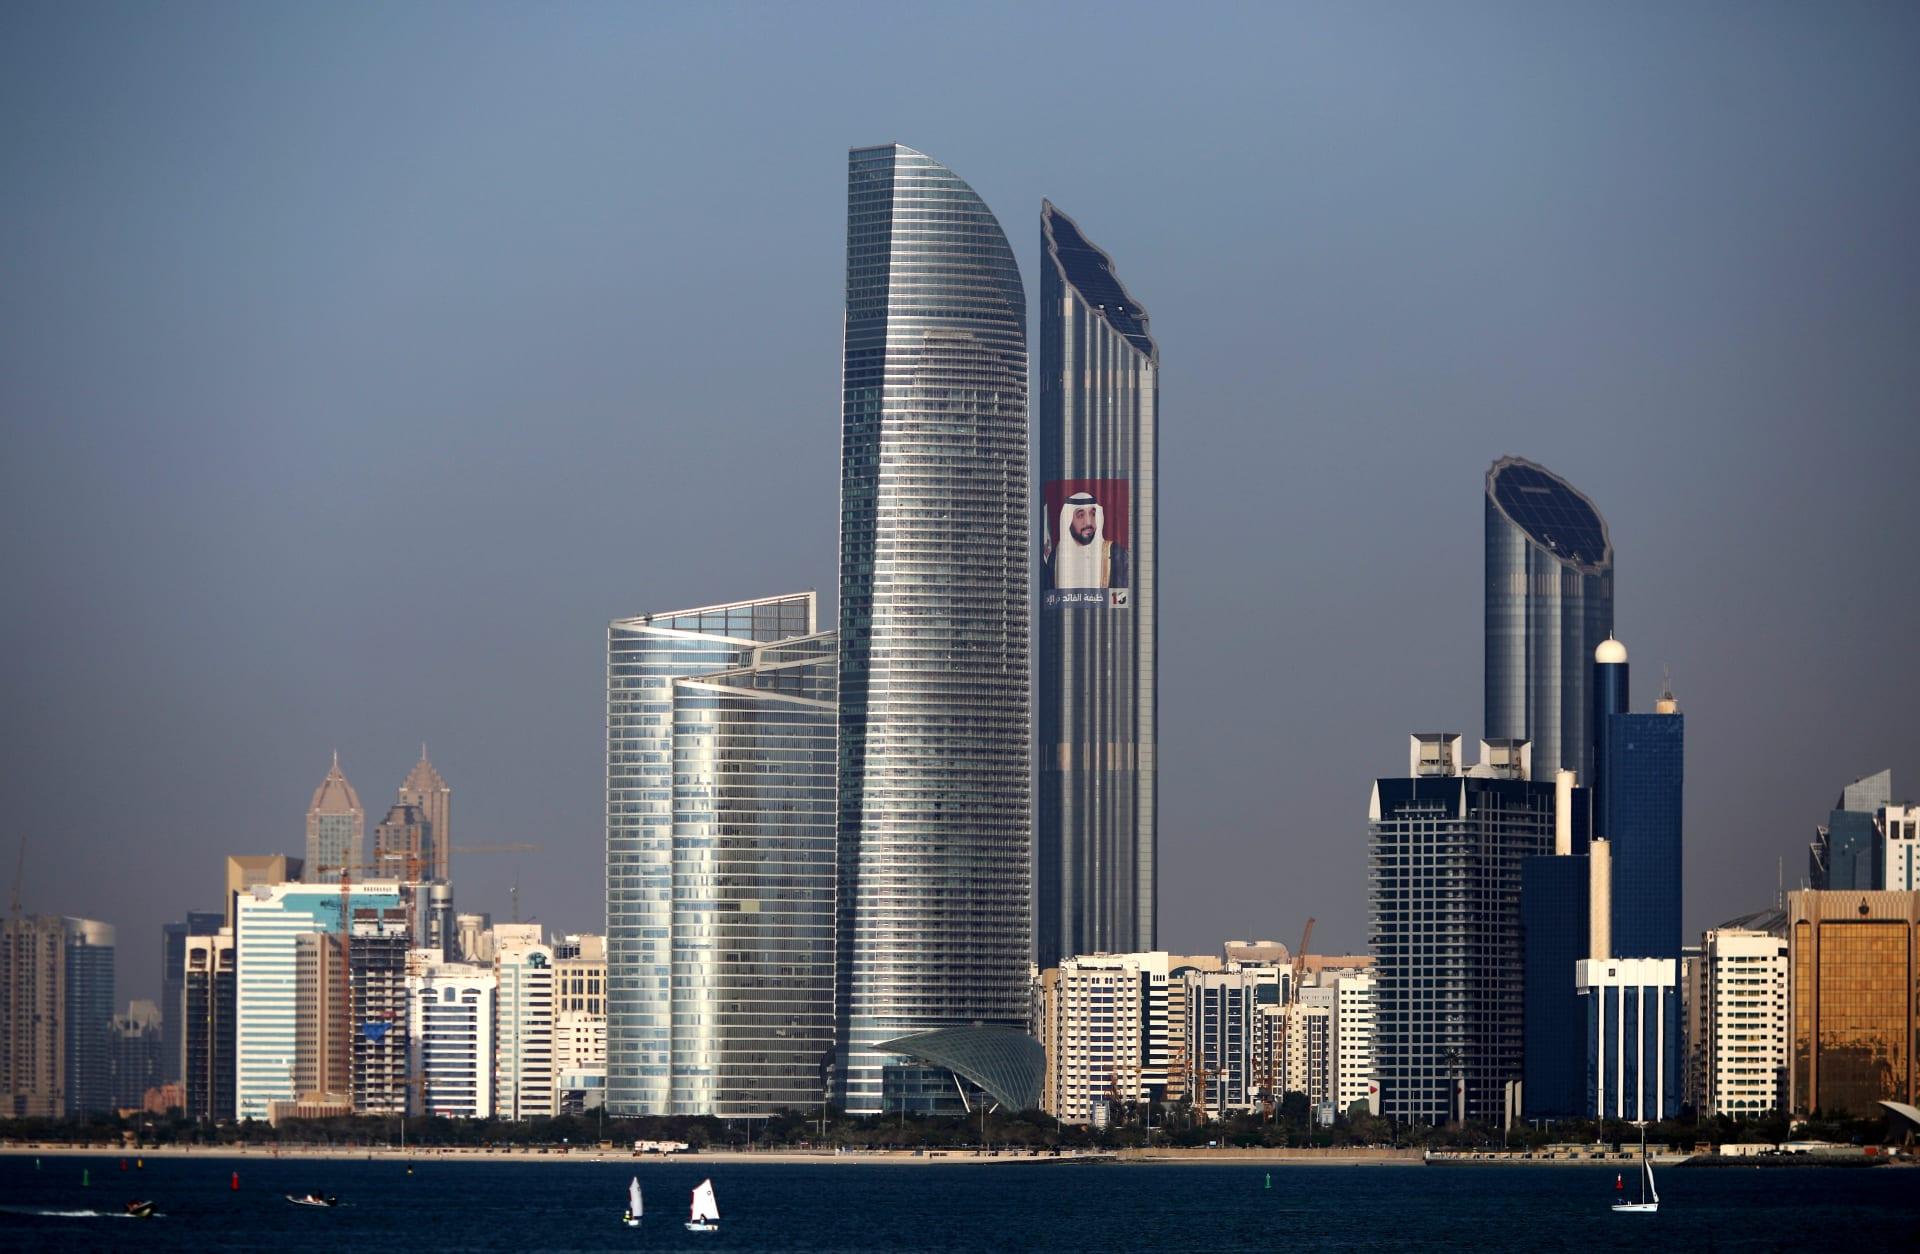 الواجهة البحرية للعاصمة الاماراتية أبوظبي